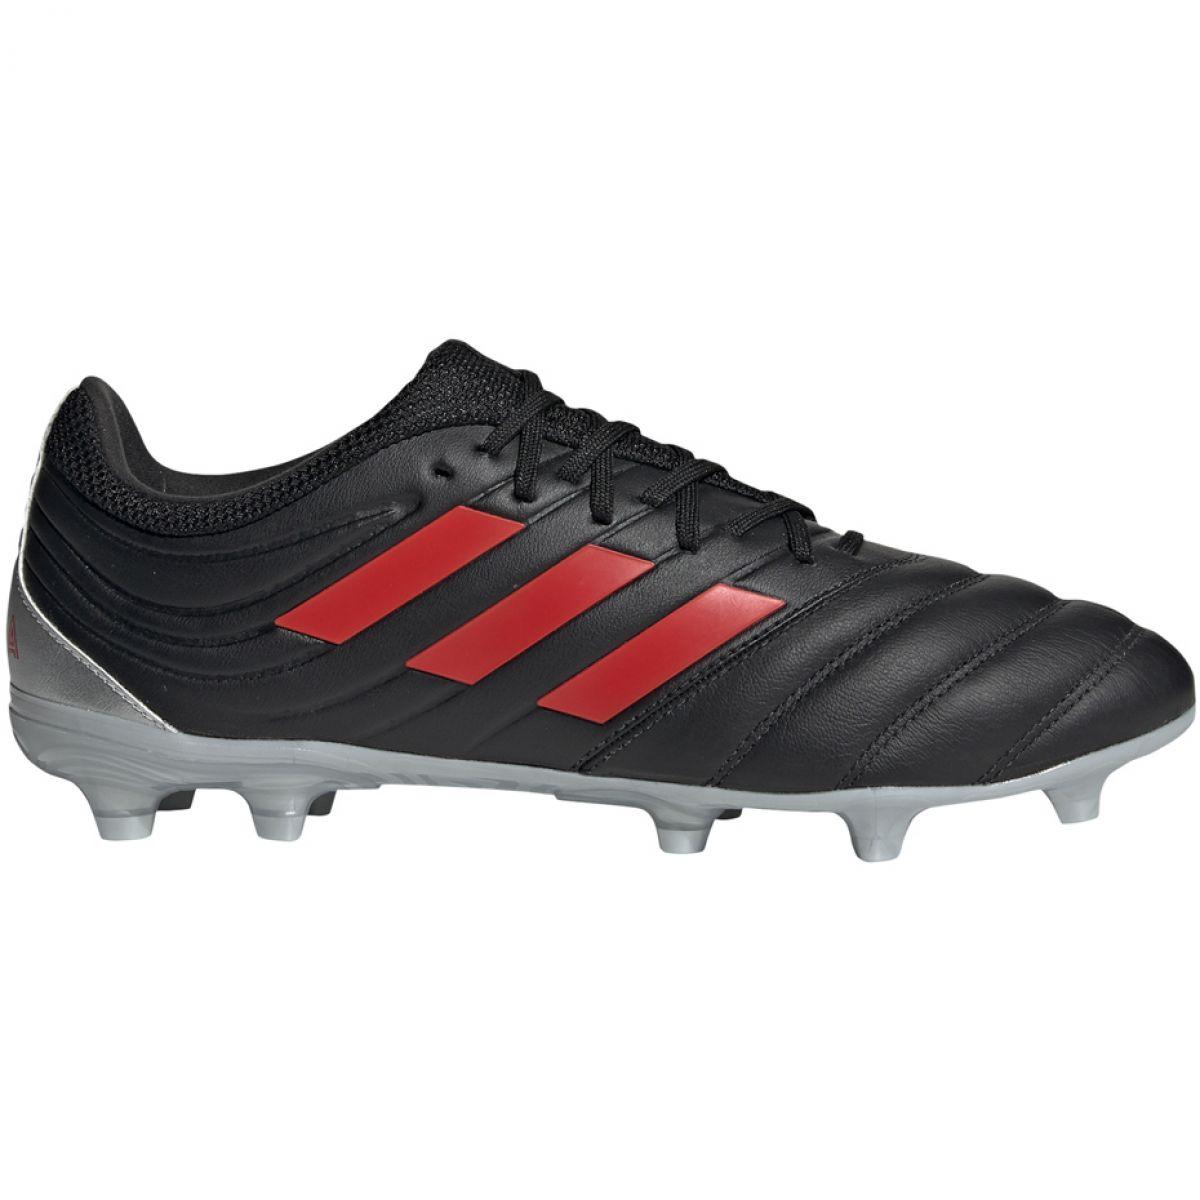 Chuteiras de futebol adidas Copa 19.3 Fg M F35494 preto preto